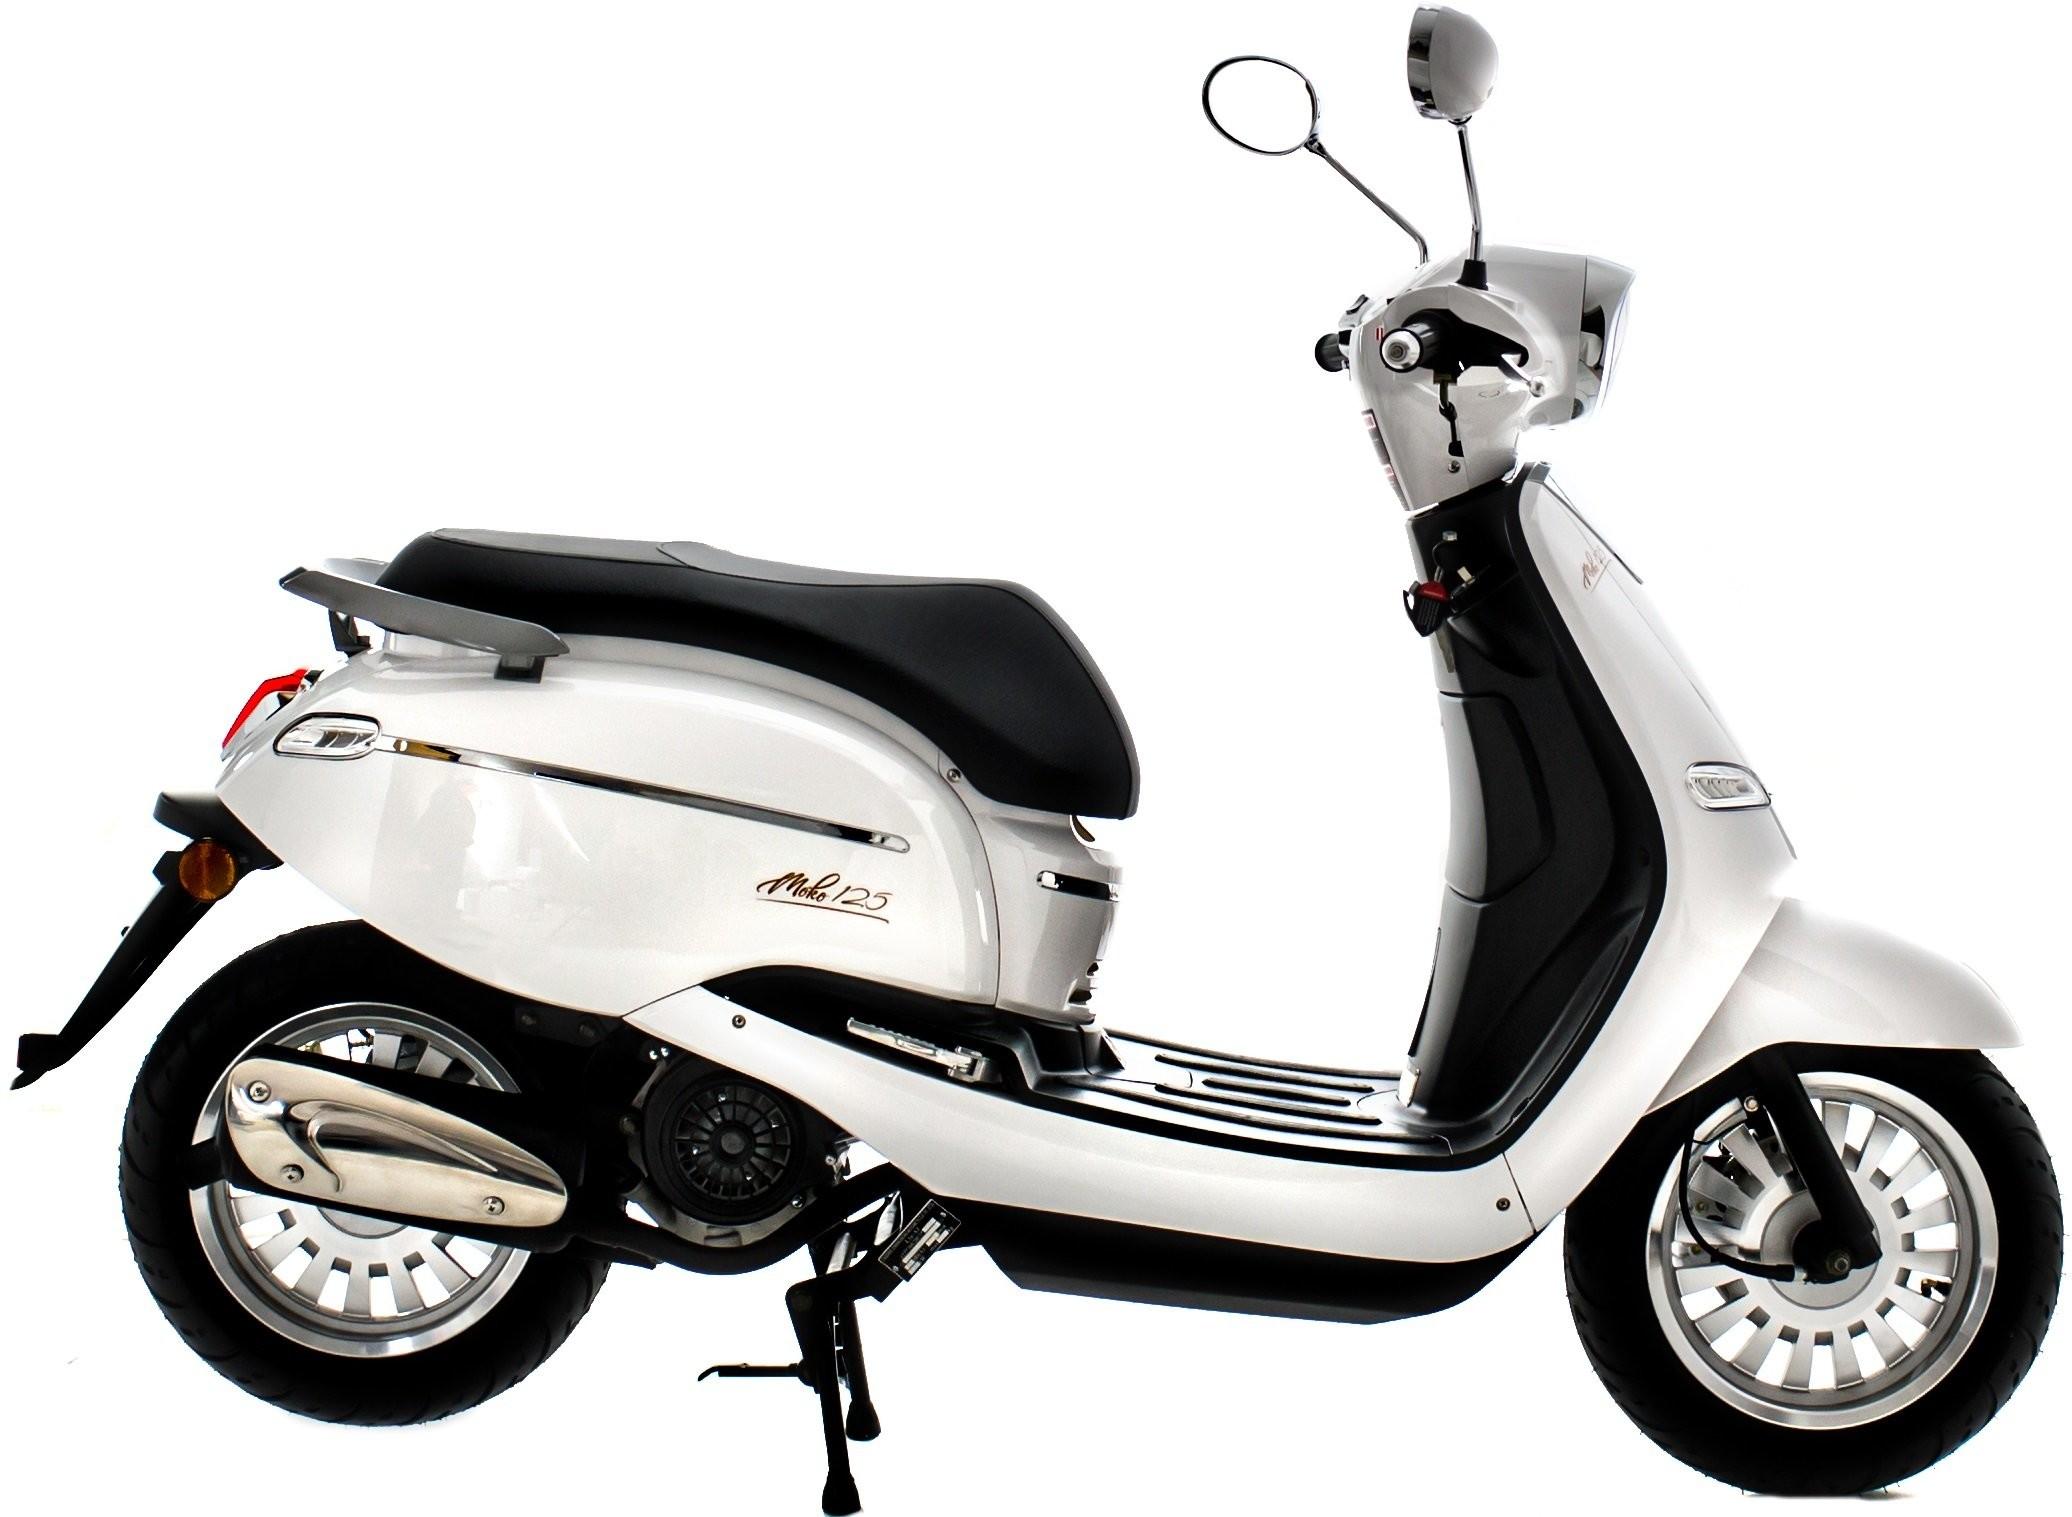 Torq Motocykl Moko 125 Biały MOKO125